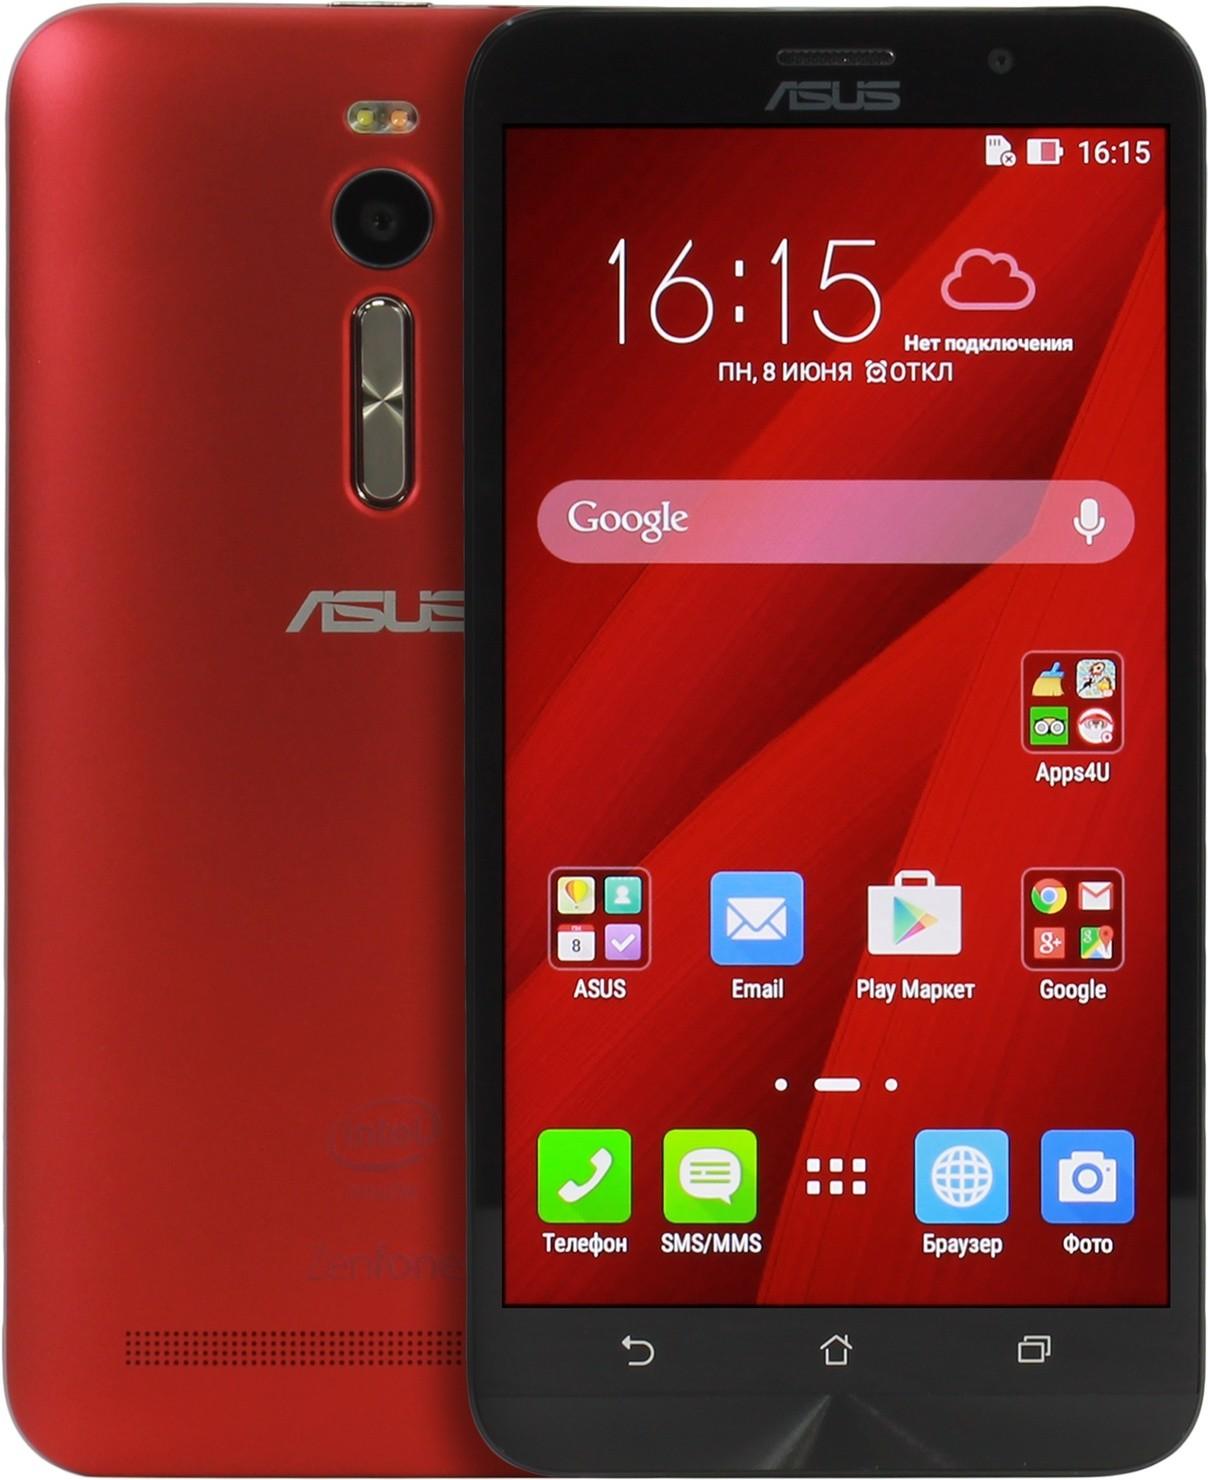 Asus Zenfone 2 Ze550ml Red 16 Smartphone